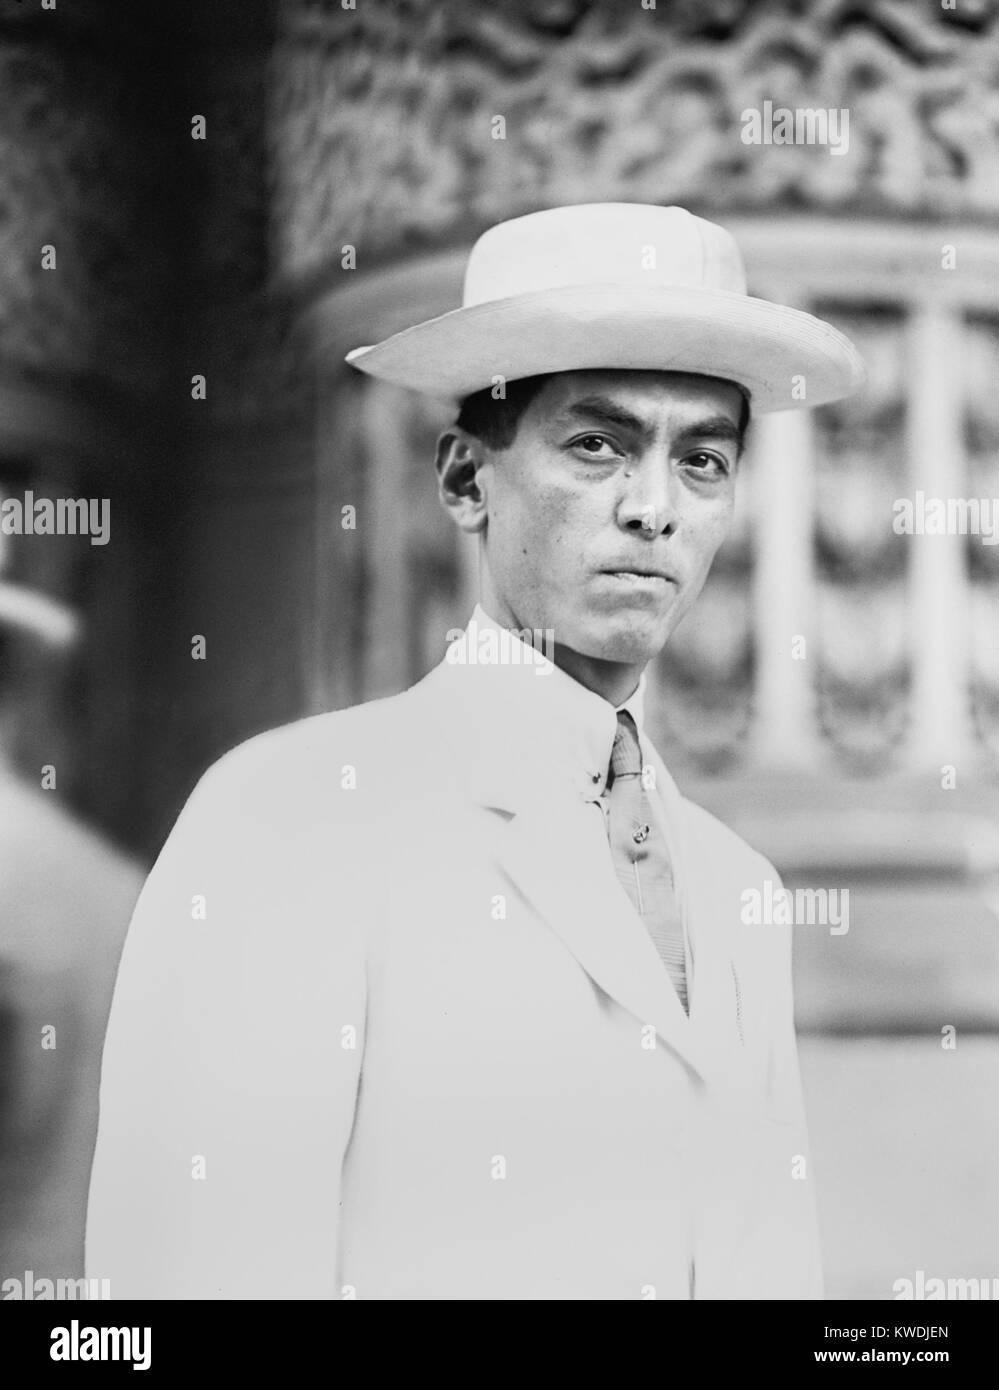 Manuel Quezon nel 1912 quando era residente il Commissario delle Filippine. Egli era in noi partecipando alla Convenzione Immagini Stock